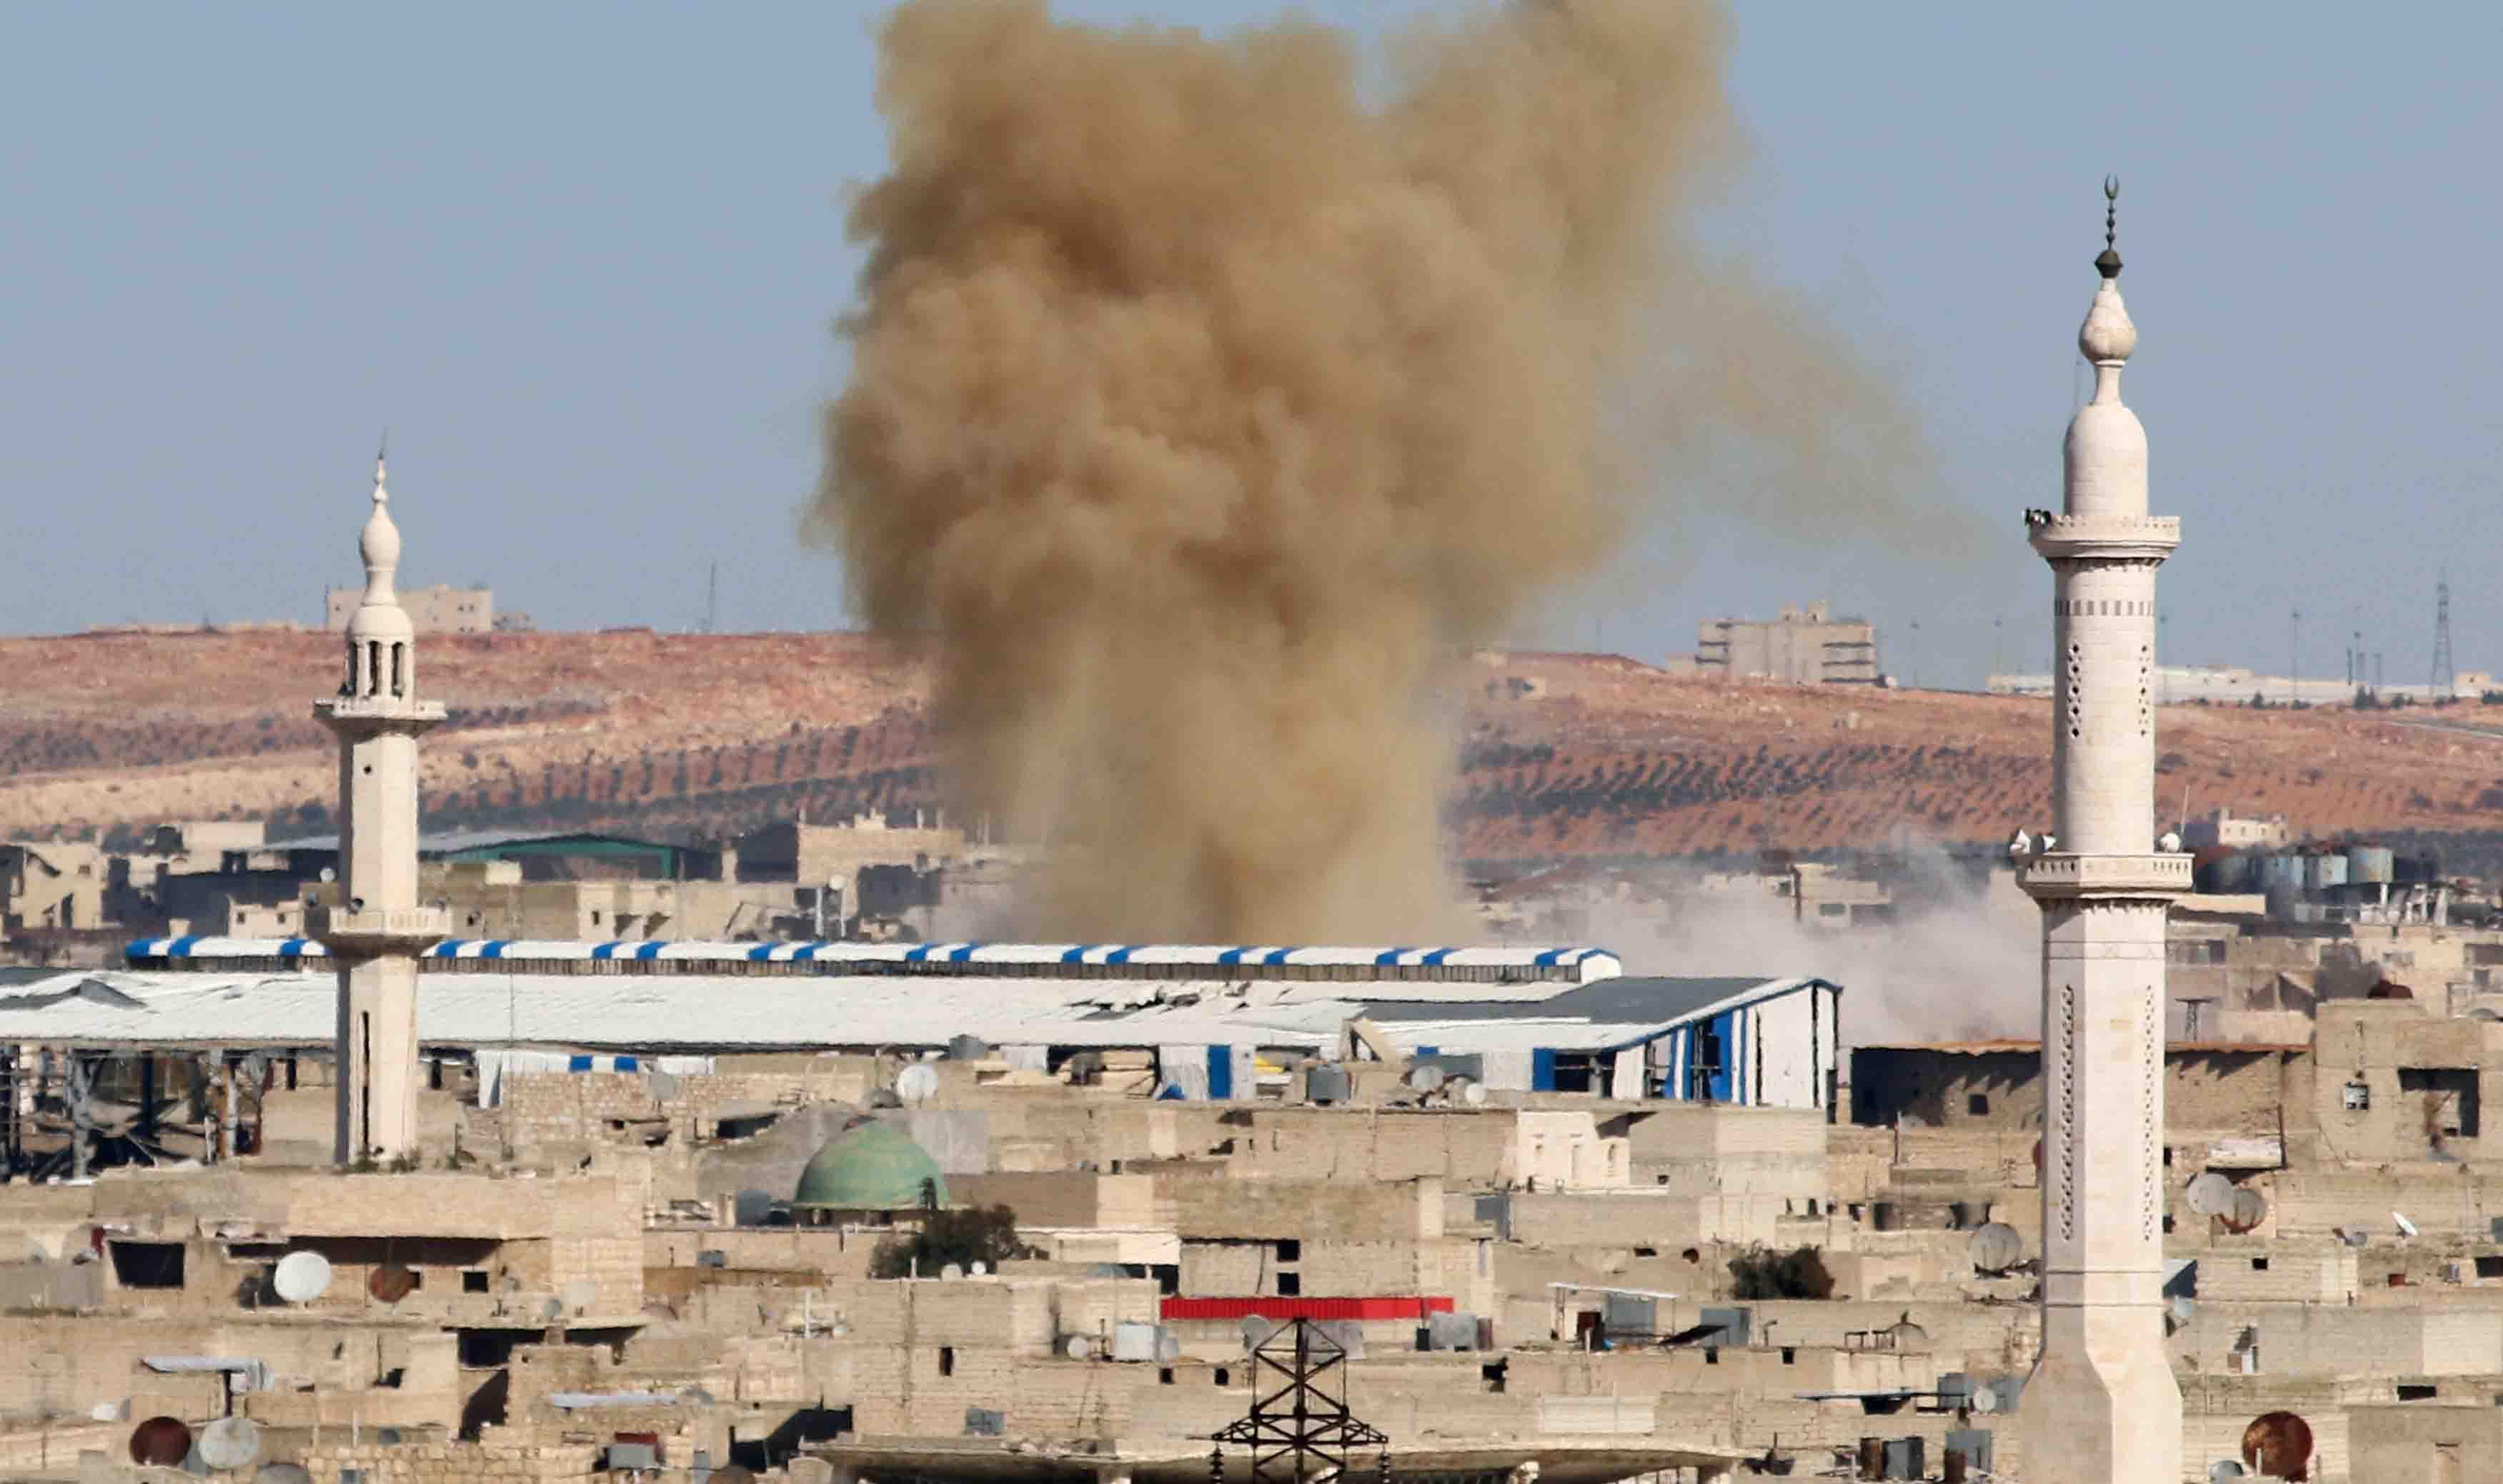 Este sería el ataque aéreo con más víctimas mortales después de una tensa calma que culminó el pasado martes